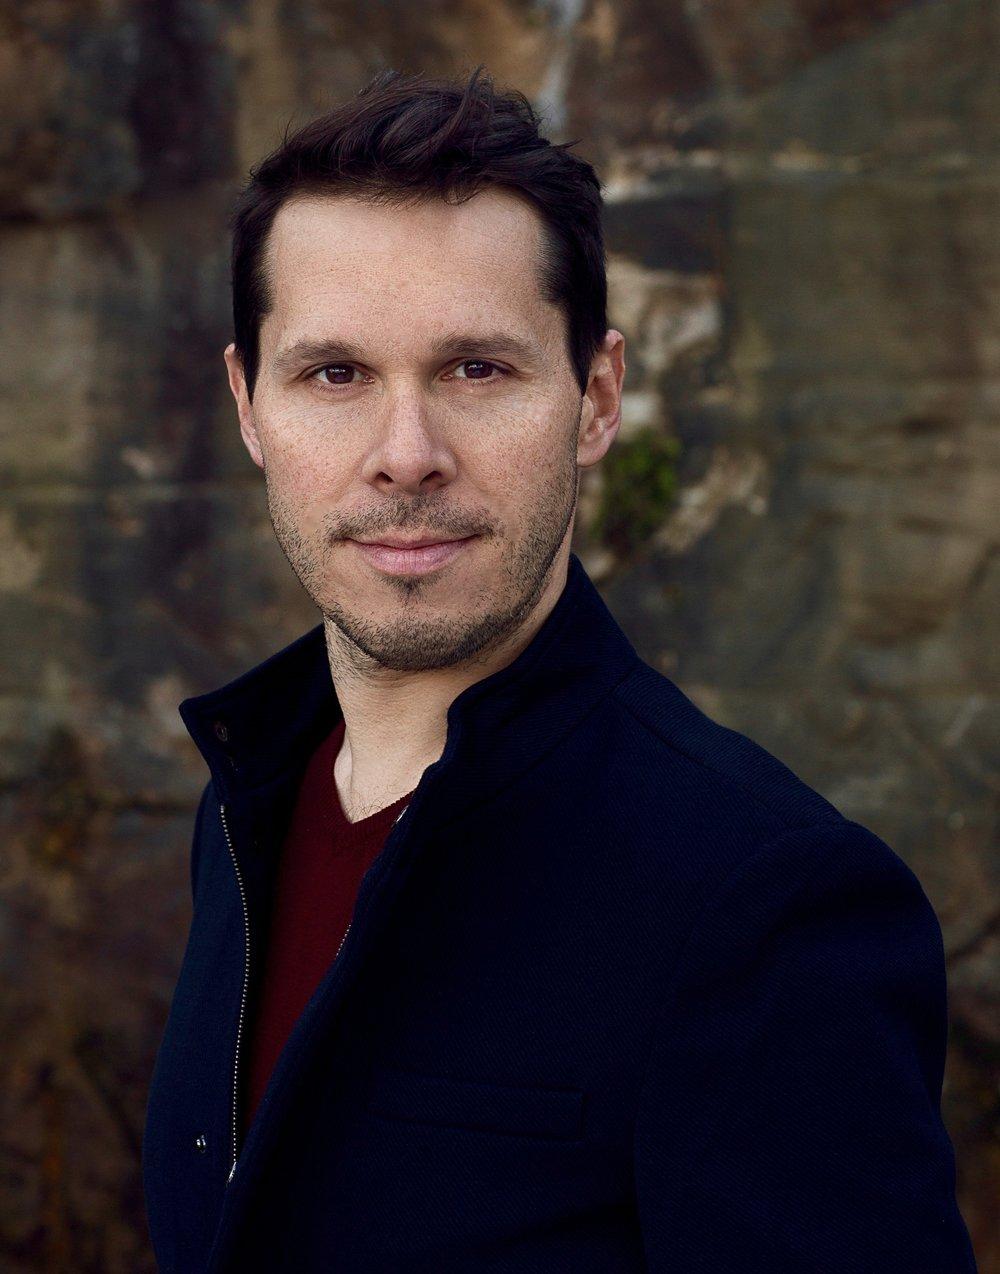 David Greco - baritone